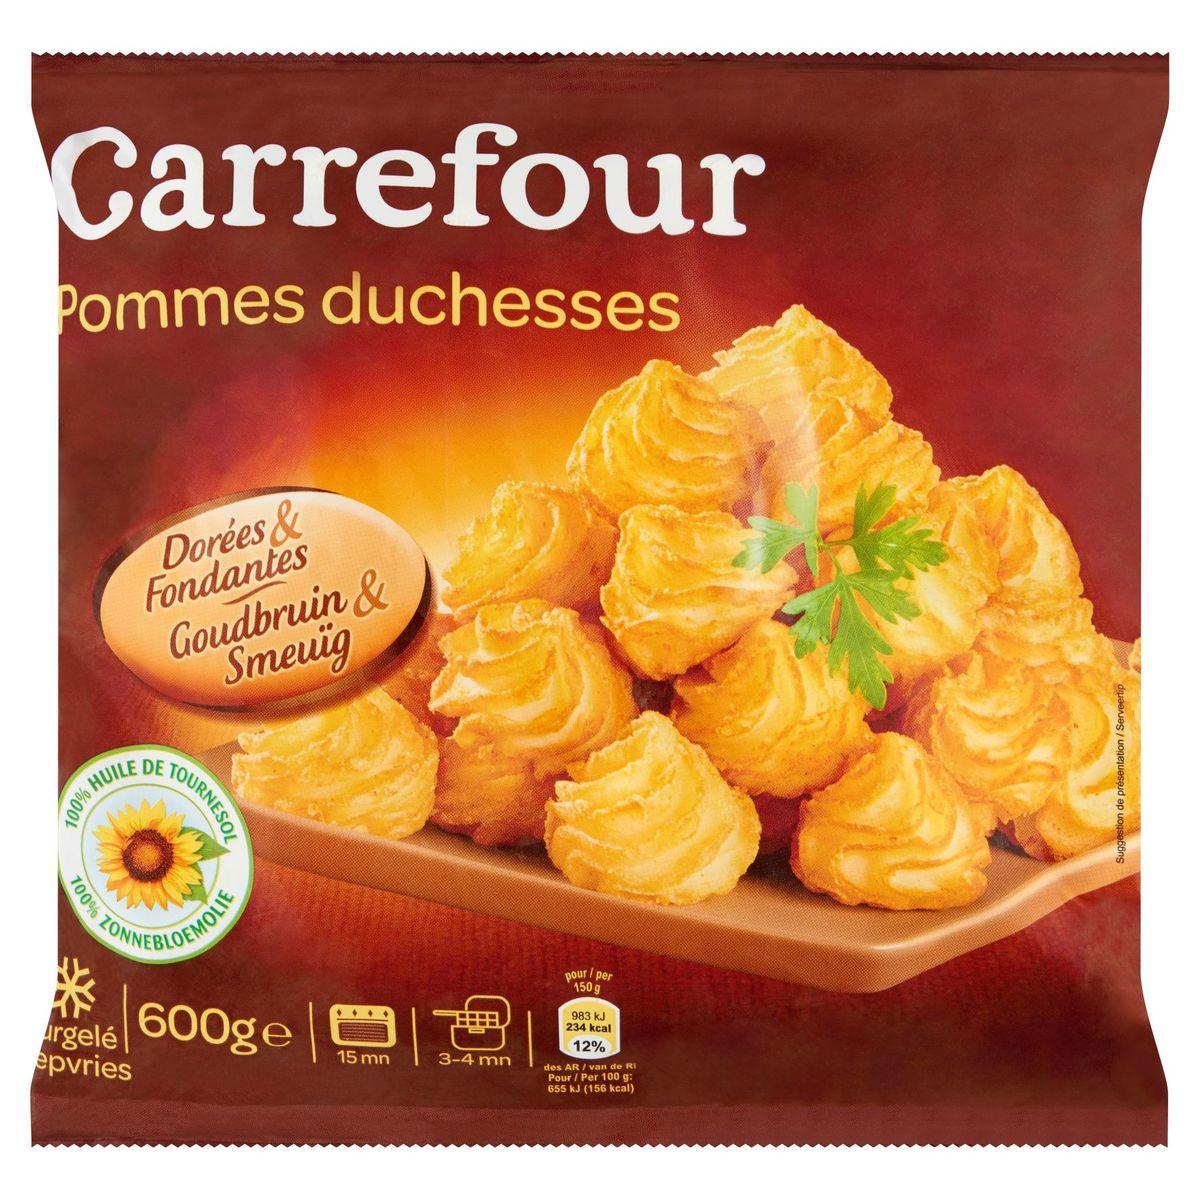 Carrefour Pommes Duchesses Goudbruin & Smeuïg 600 g